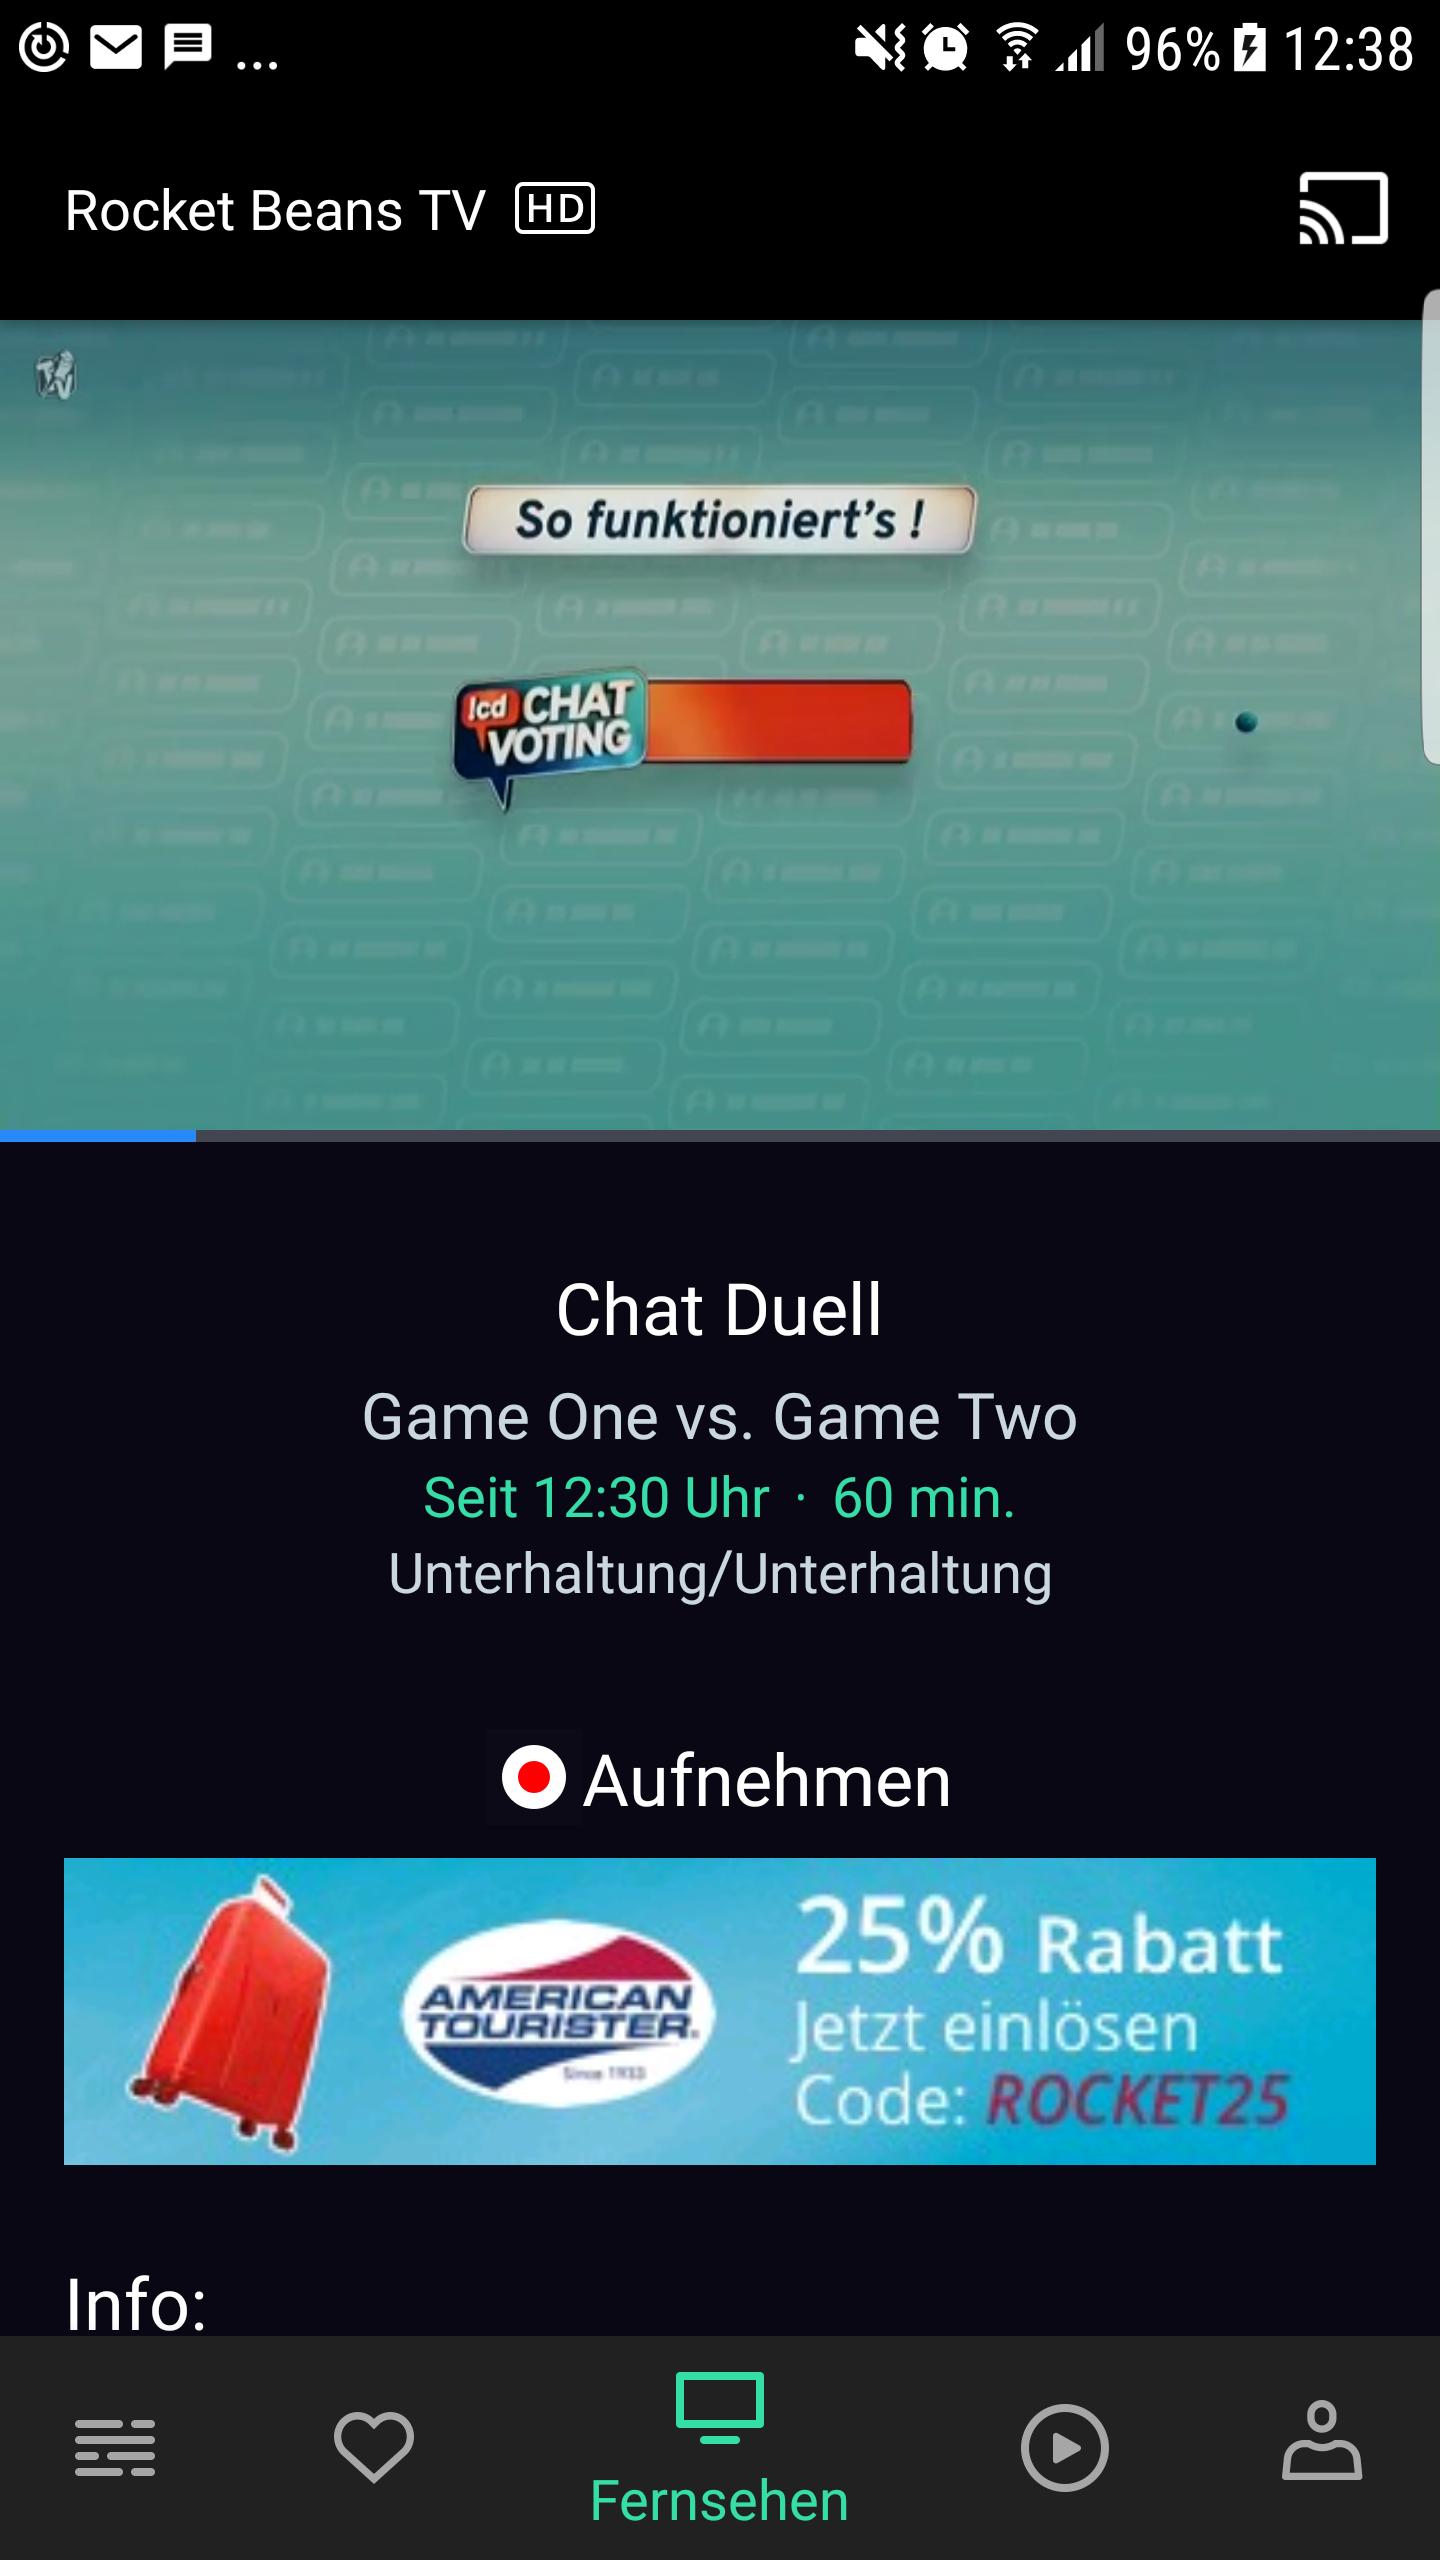 25% auf Samsonite Koffer-Serie American Tourister + Gewinnspiel